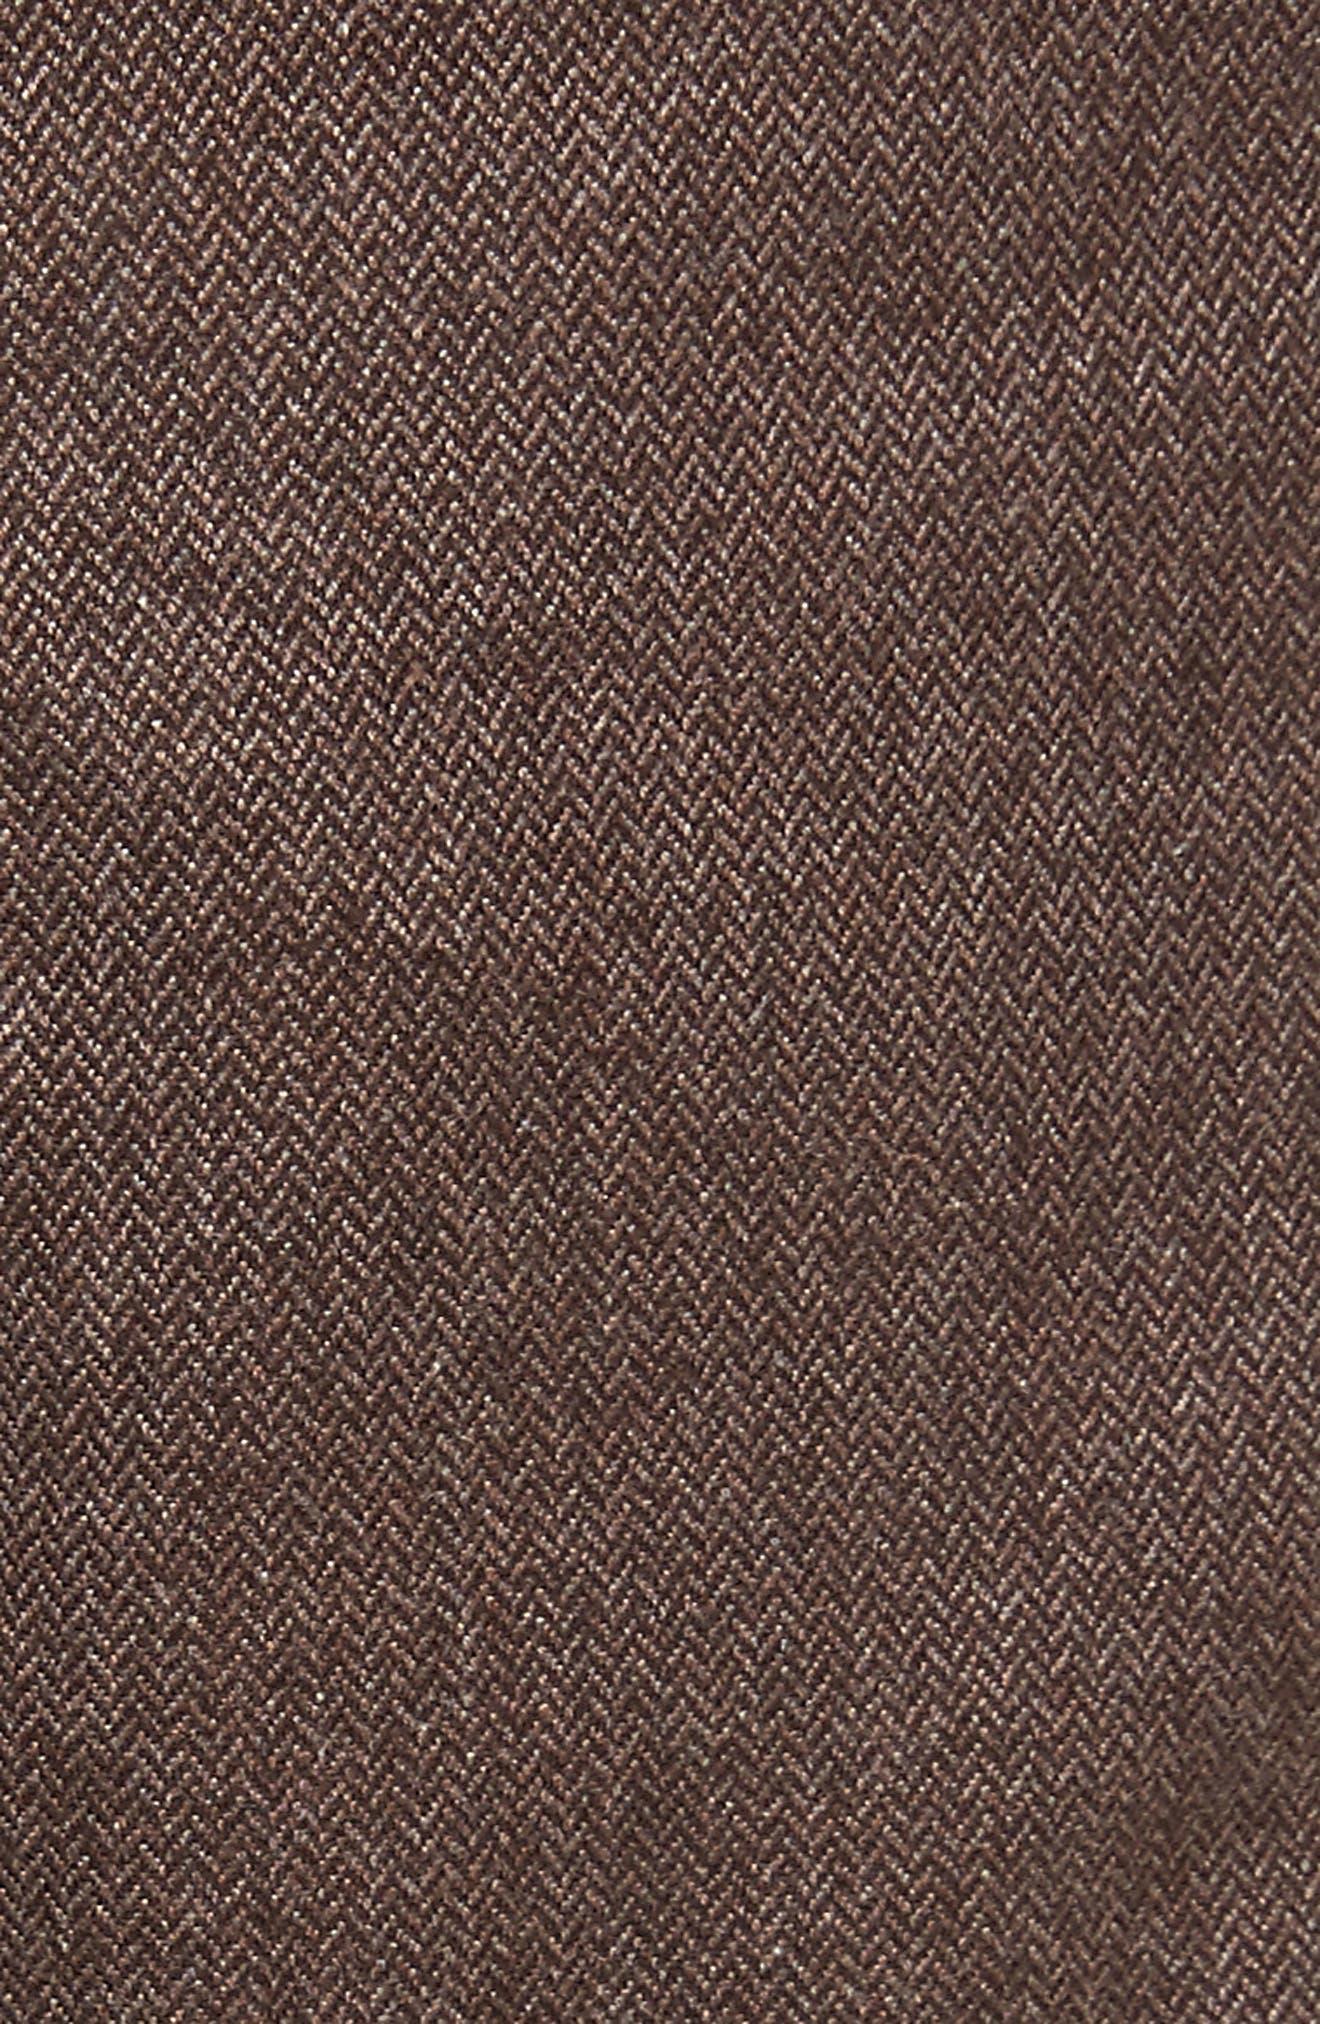 Alternate Image 5  - Canali Regular Fit Herringbone 5-Pocket Pants